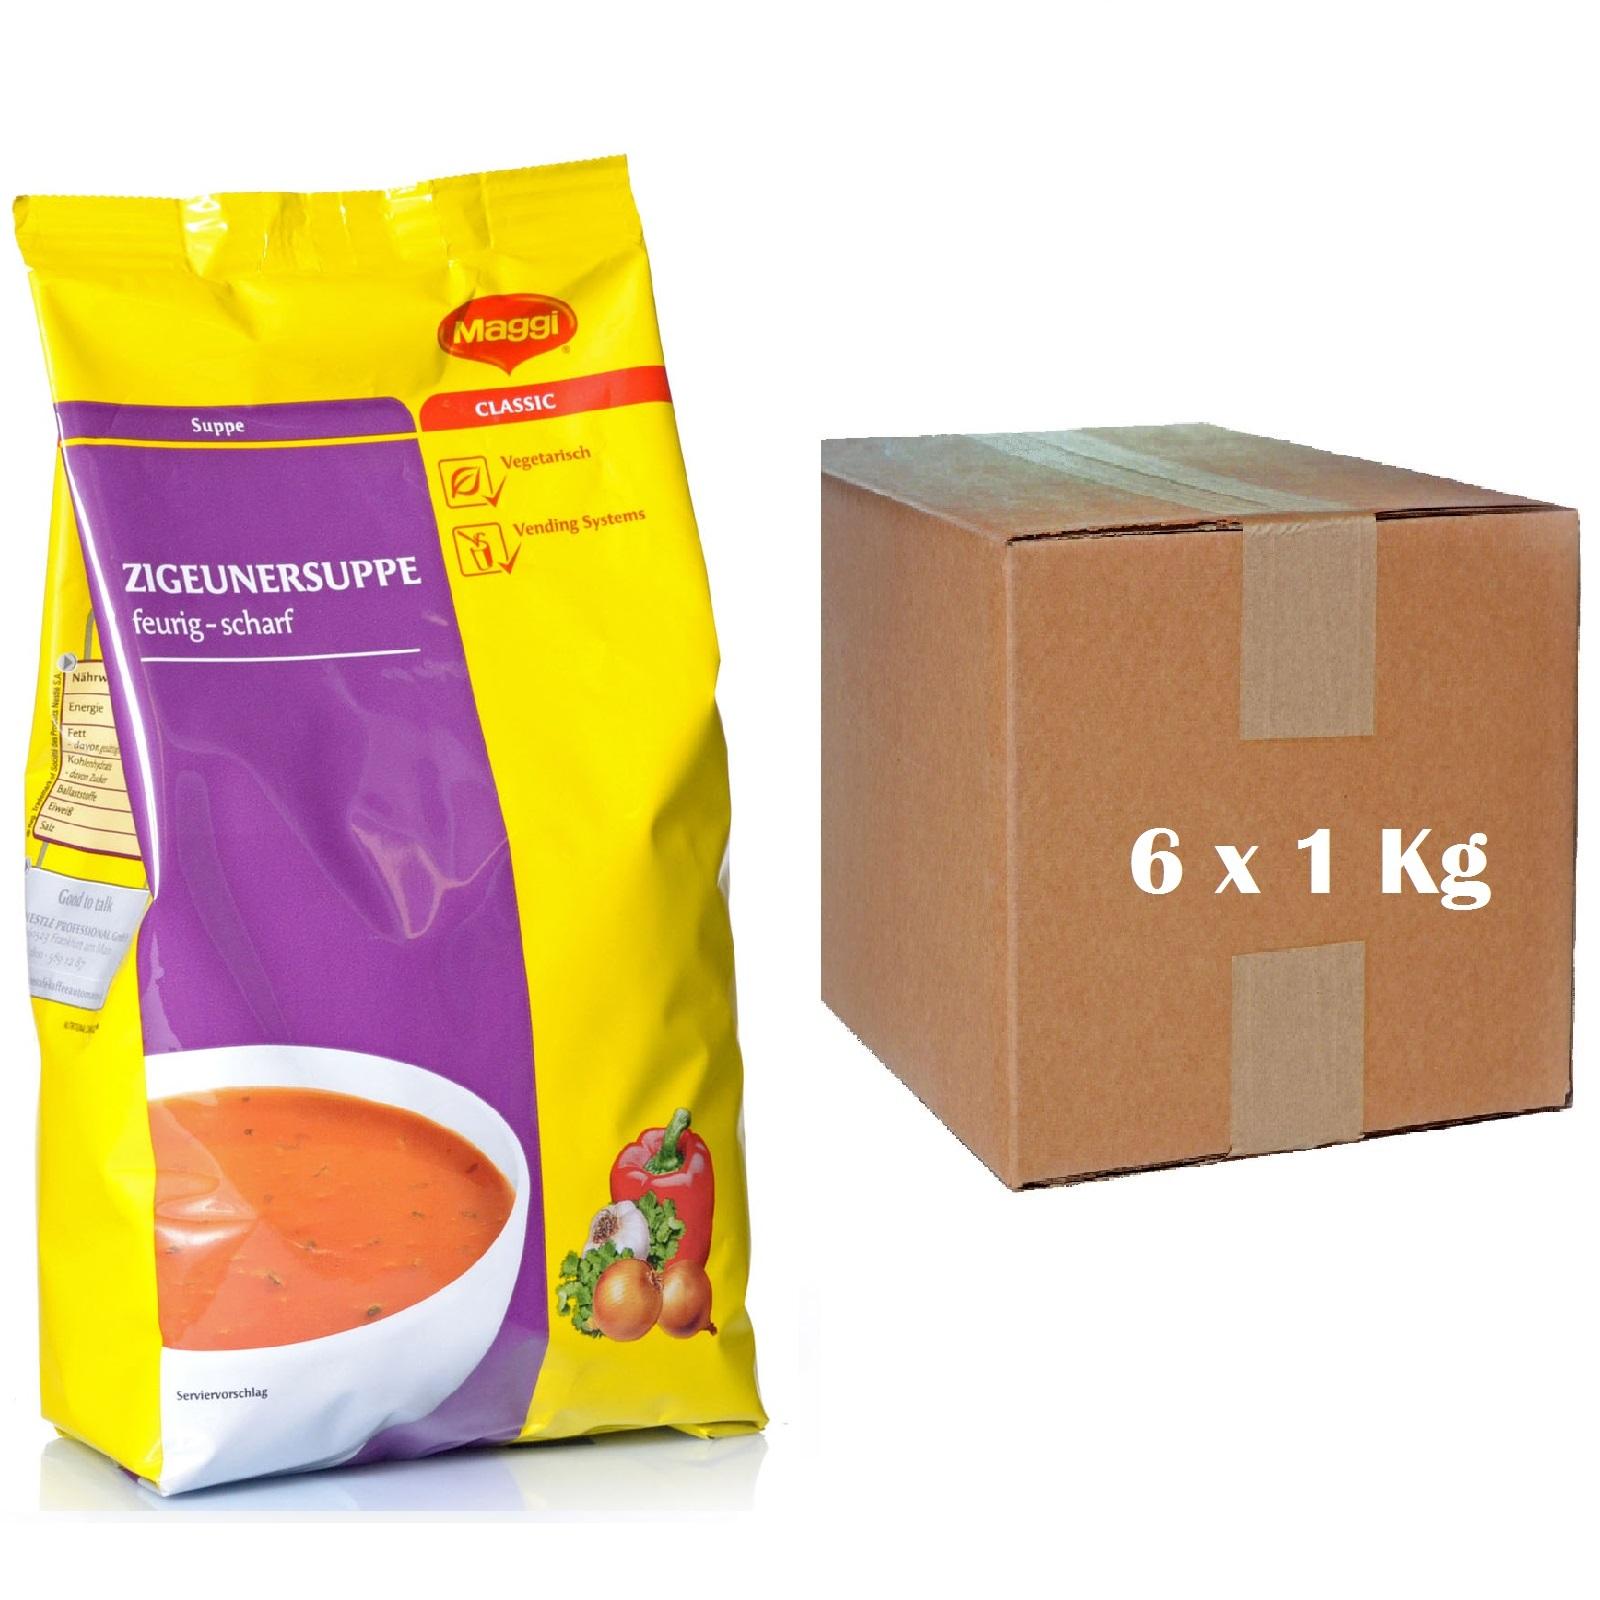 Maggi Zigeunersuppe Nestlé 6 x 1kg Vending